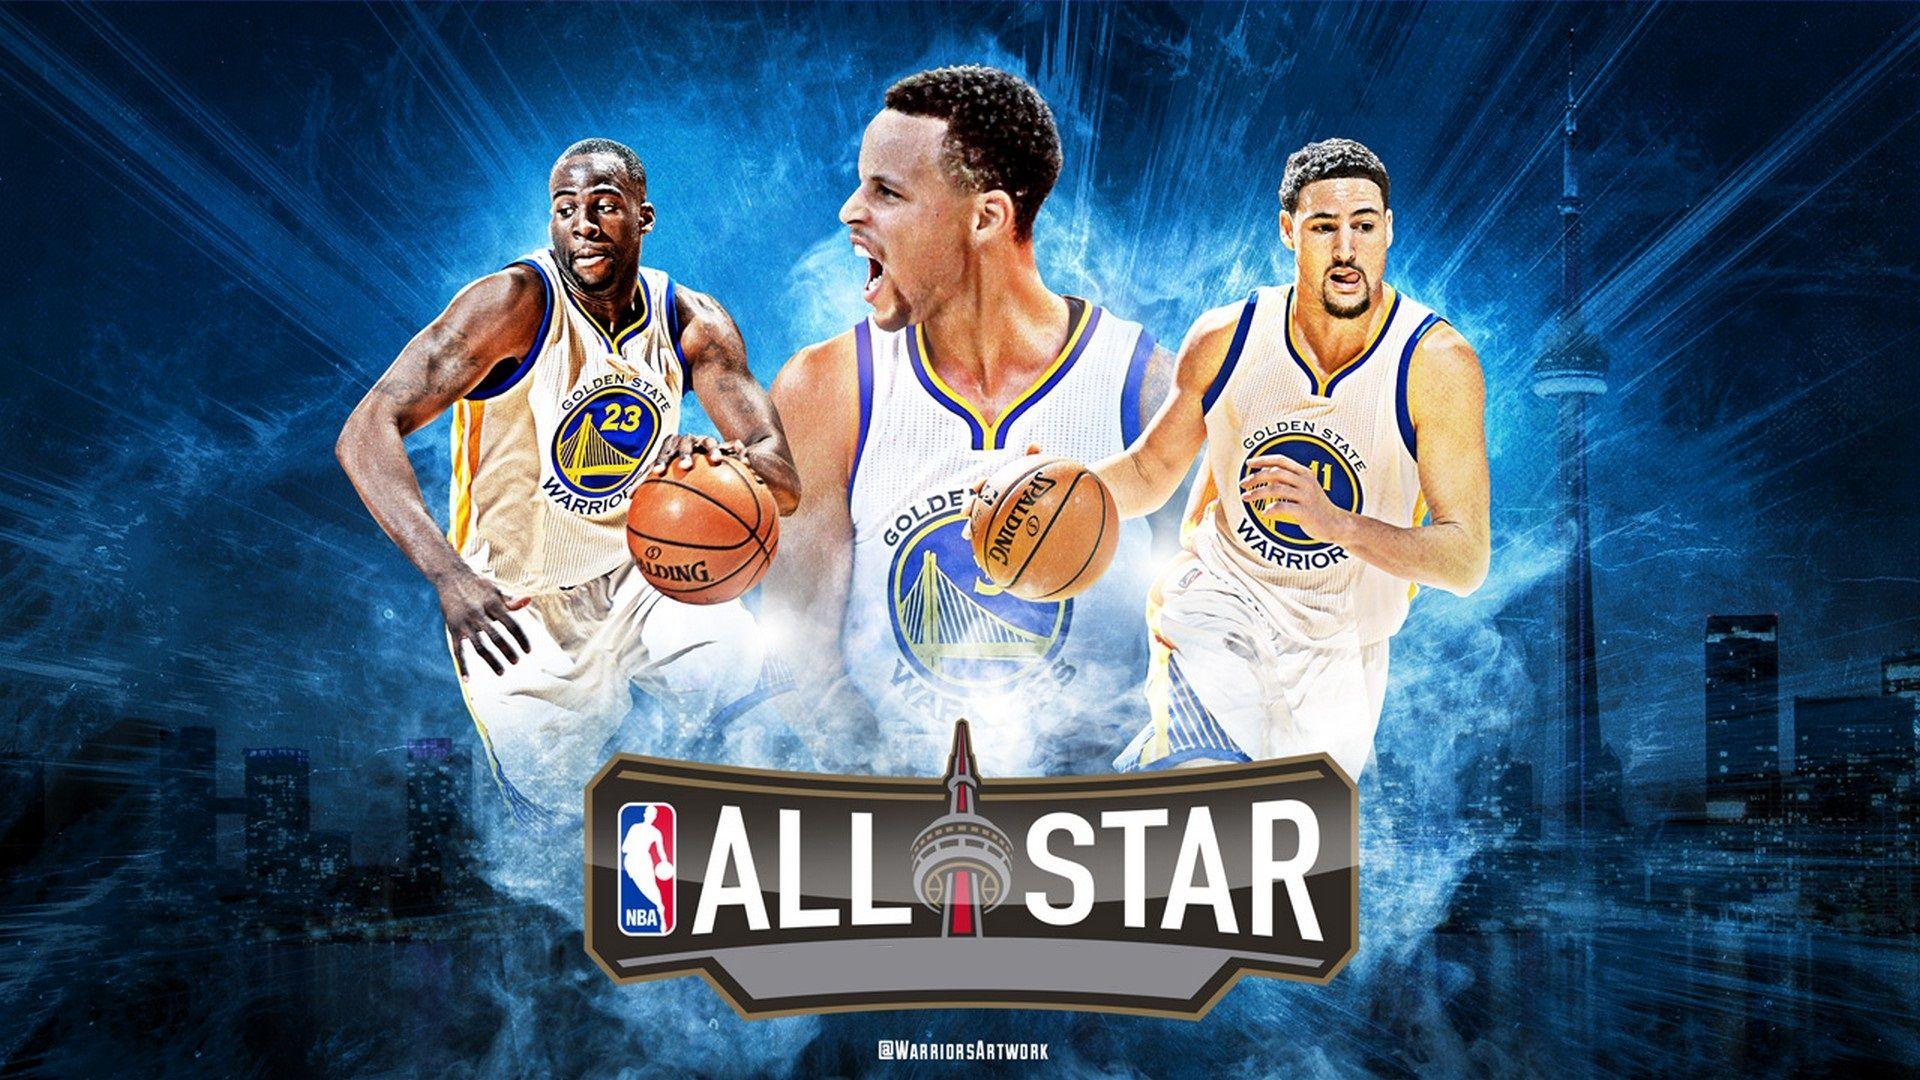 Basketball Wallpaper Best Basketball Wallpapers 2020 Golden State Warriors Wallpaper Warriors Wallpaper Basketball Wallpaper